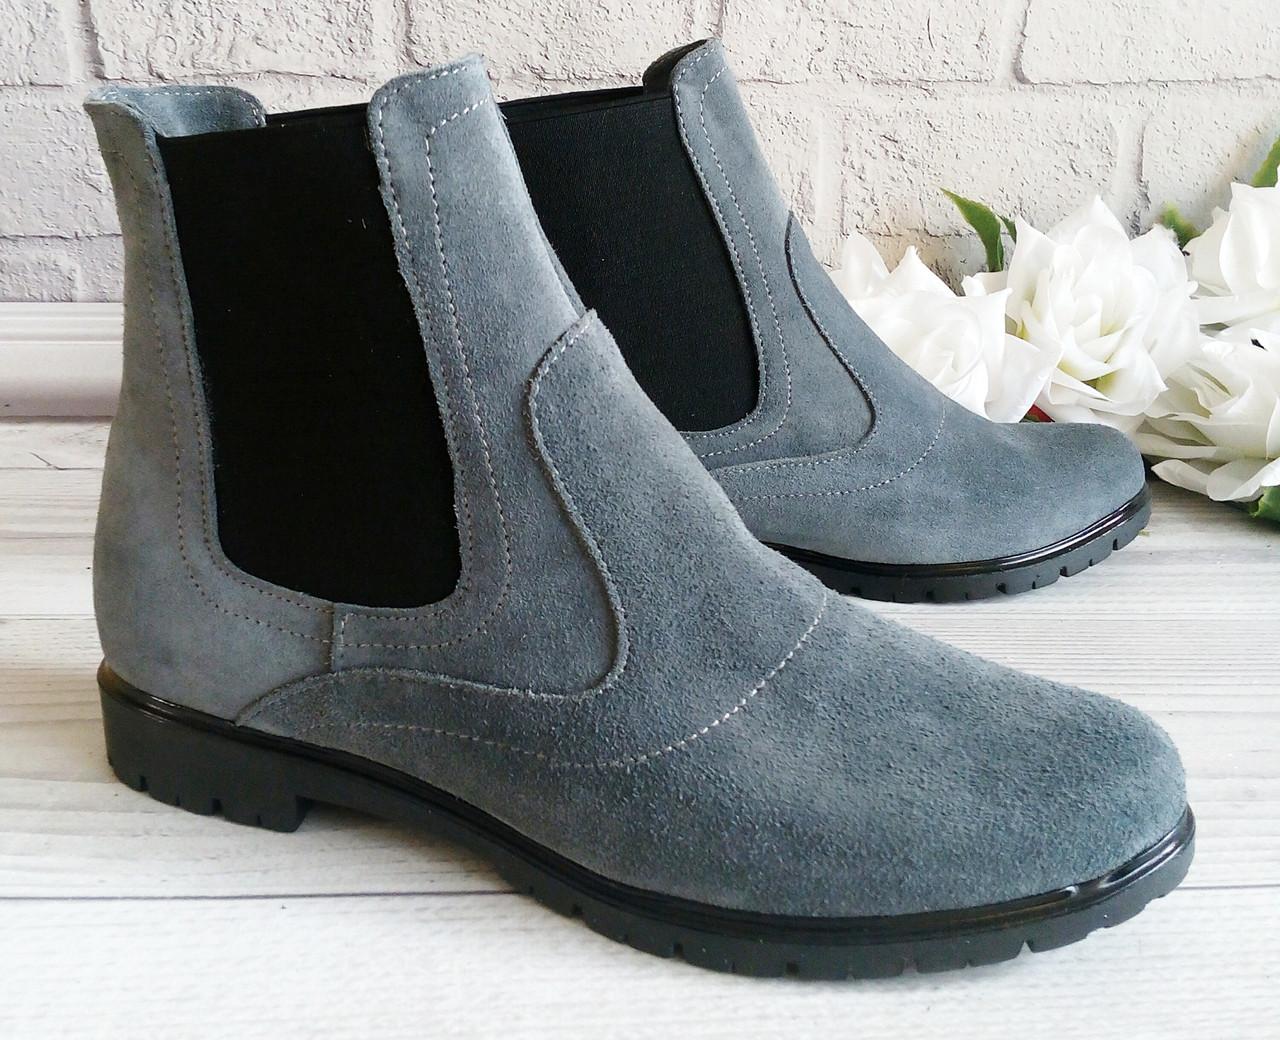 Серые замшевые ботинки Челси от производителя